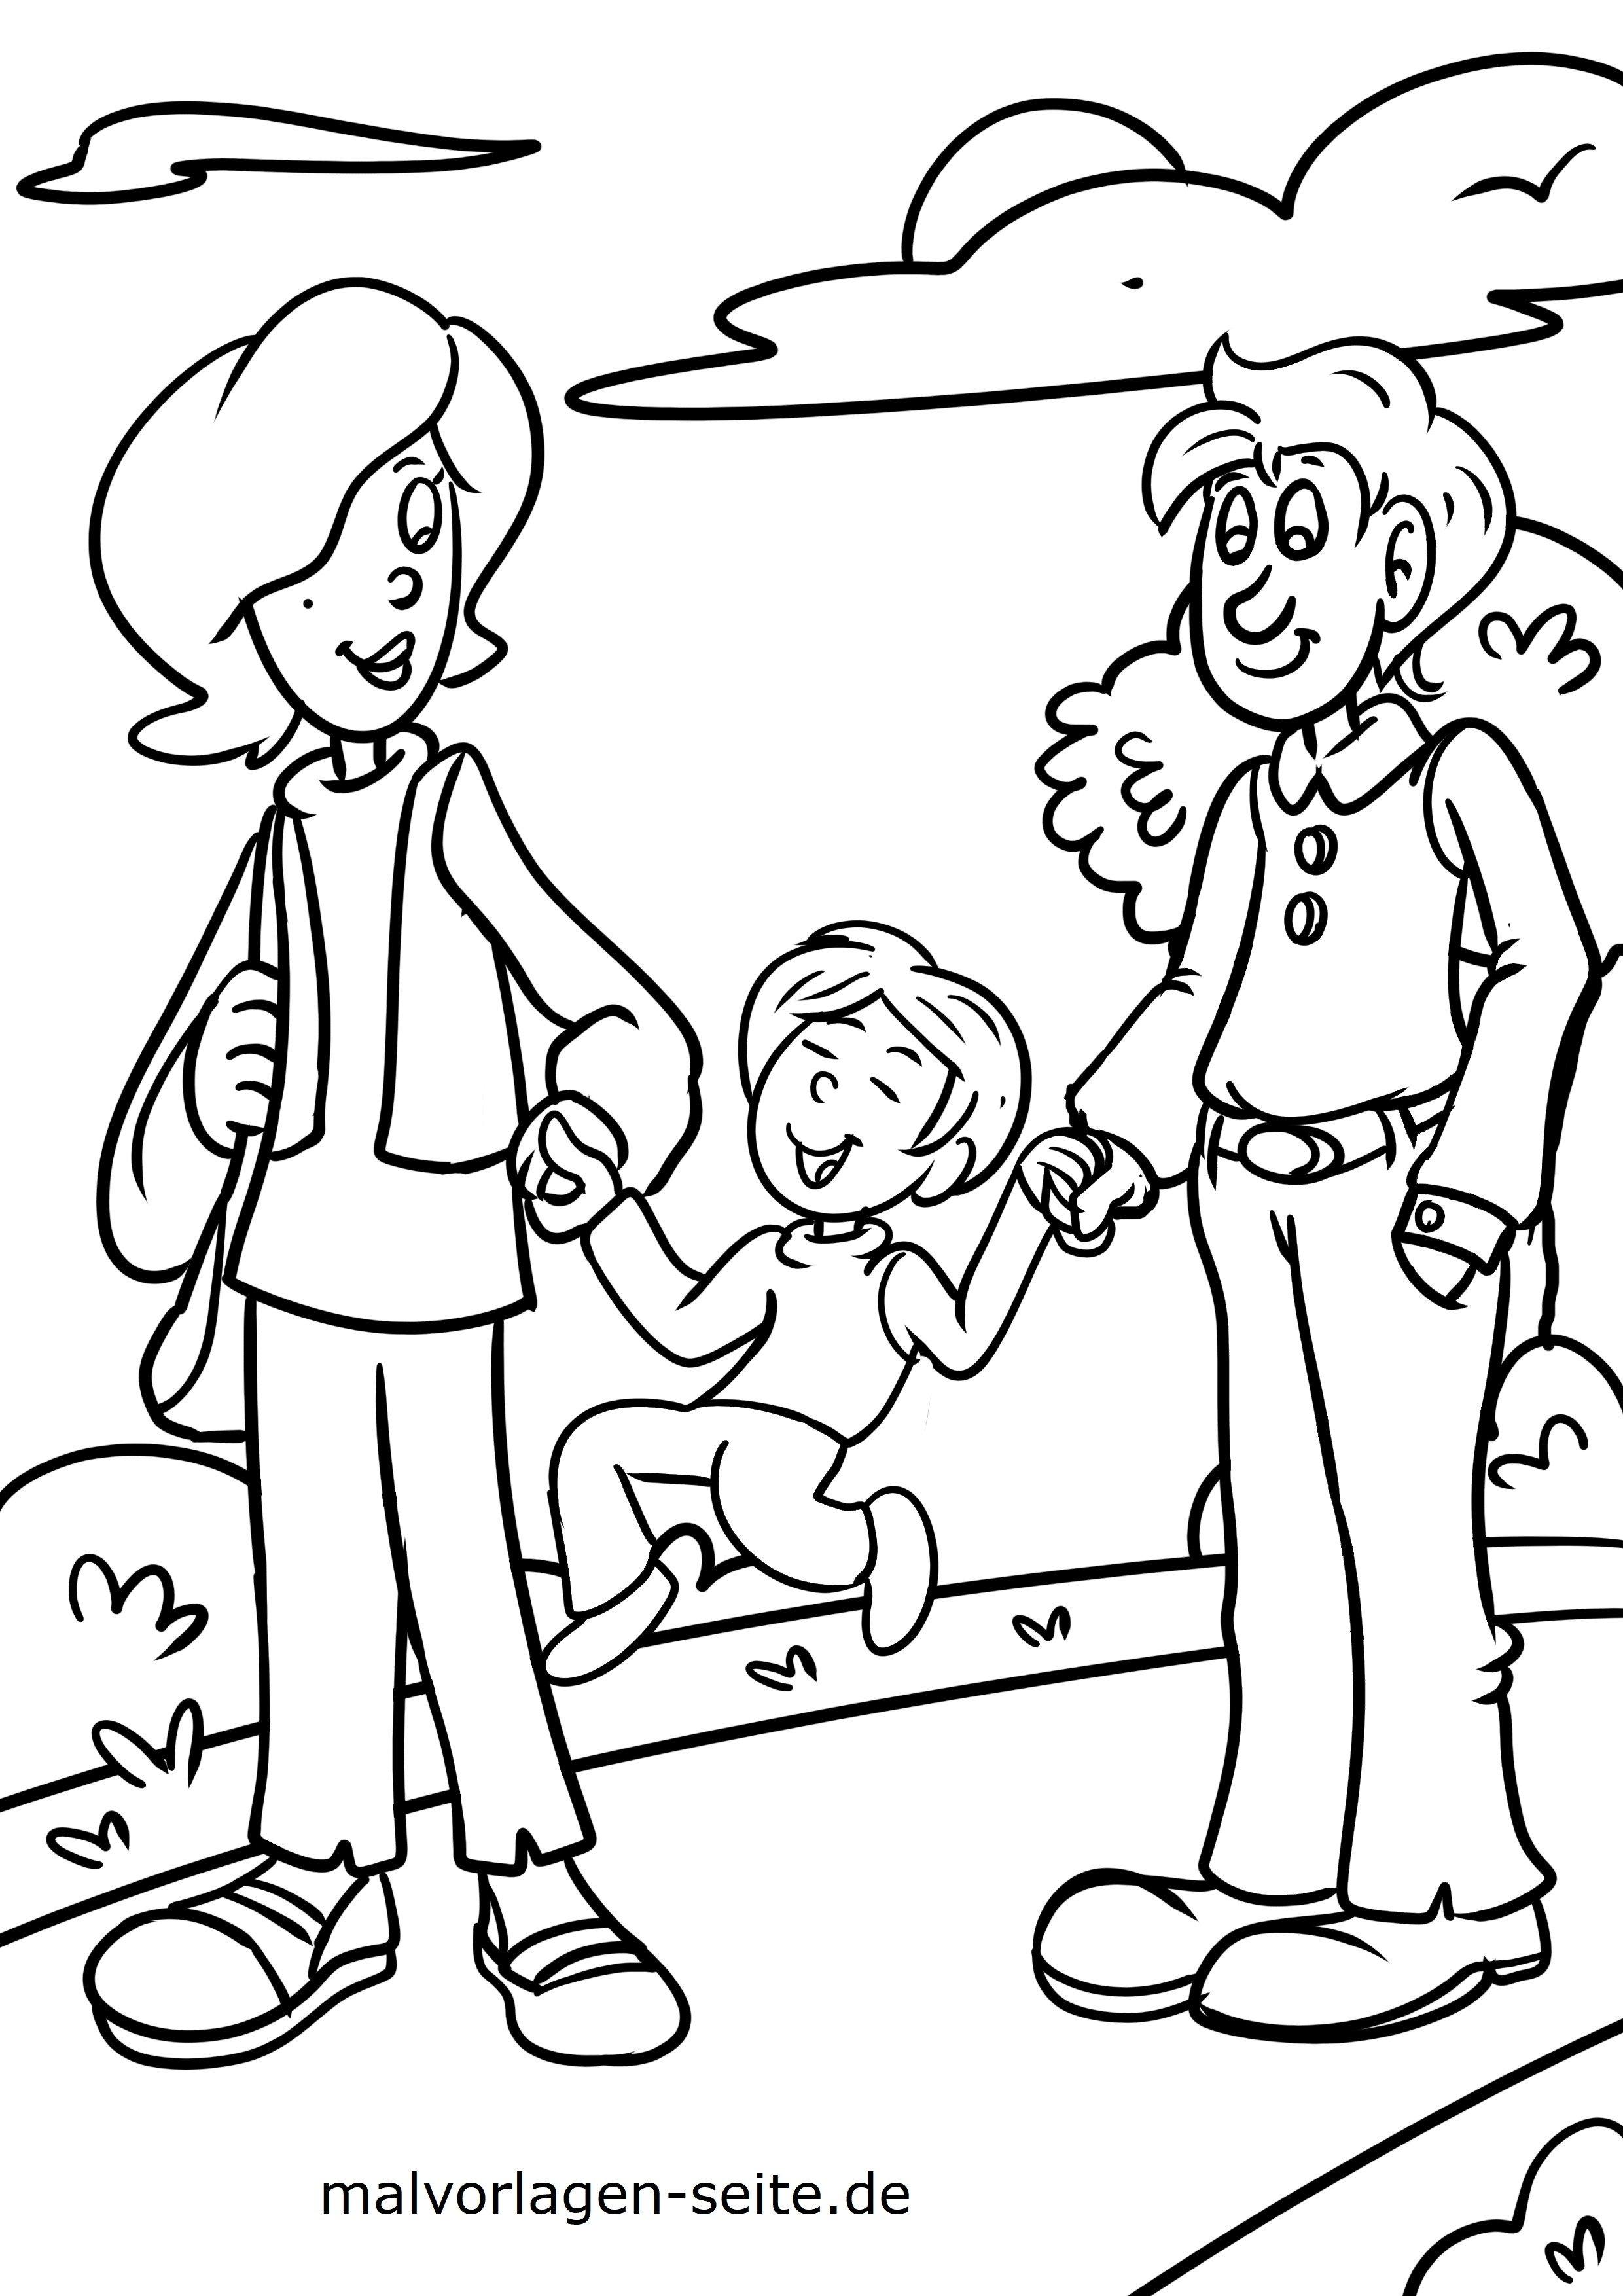 Malvorlage Familie Spazieren Gratis Malvorlagen Zum Download